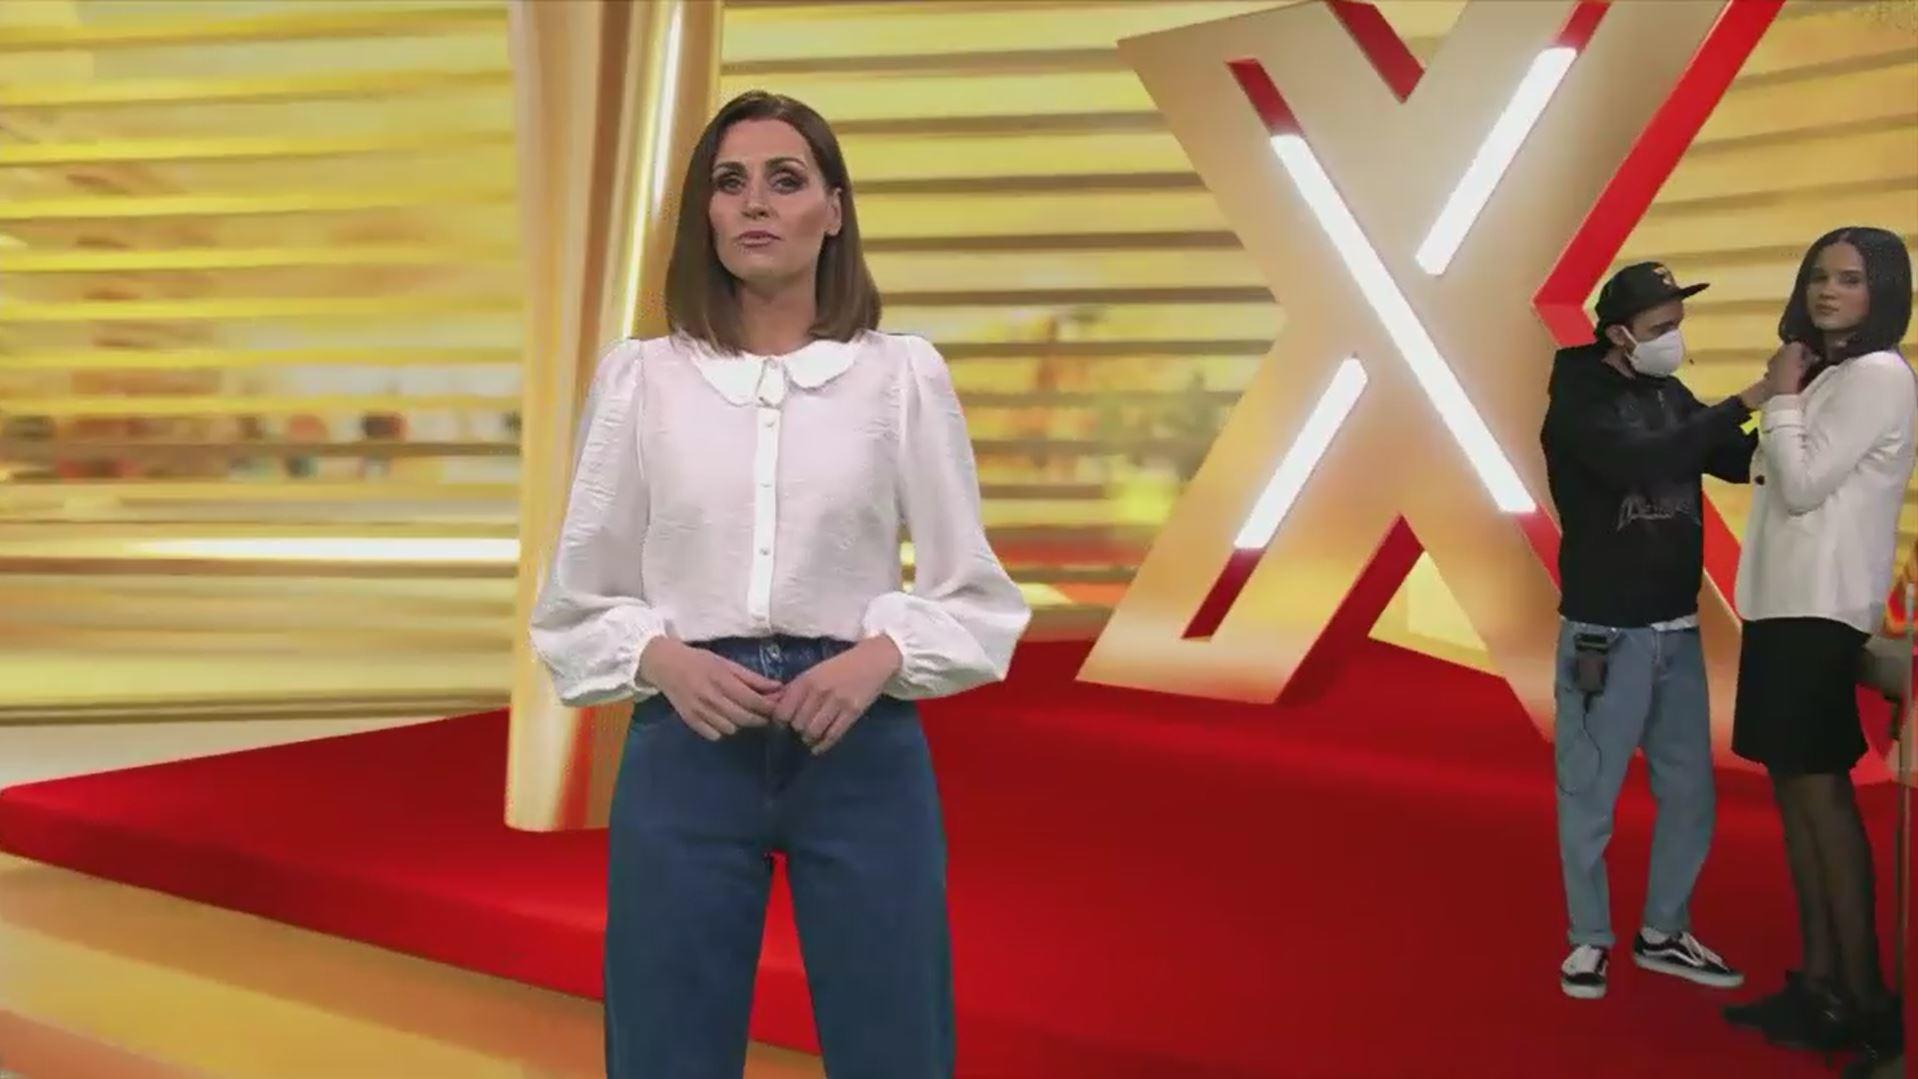 Upps! Charlotte Maihoff bei RTL Exclusiv zu sehen - das sagen beide Moderatorinnen dazu - VIP.de, Star News